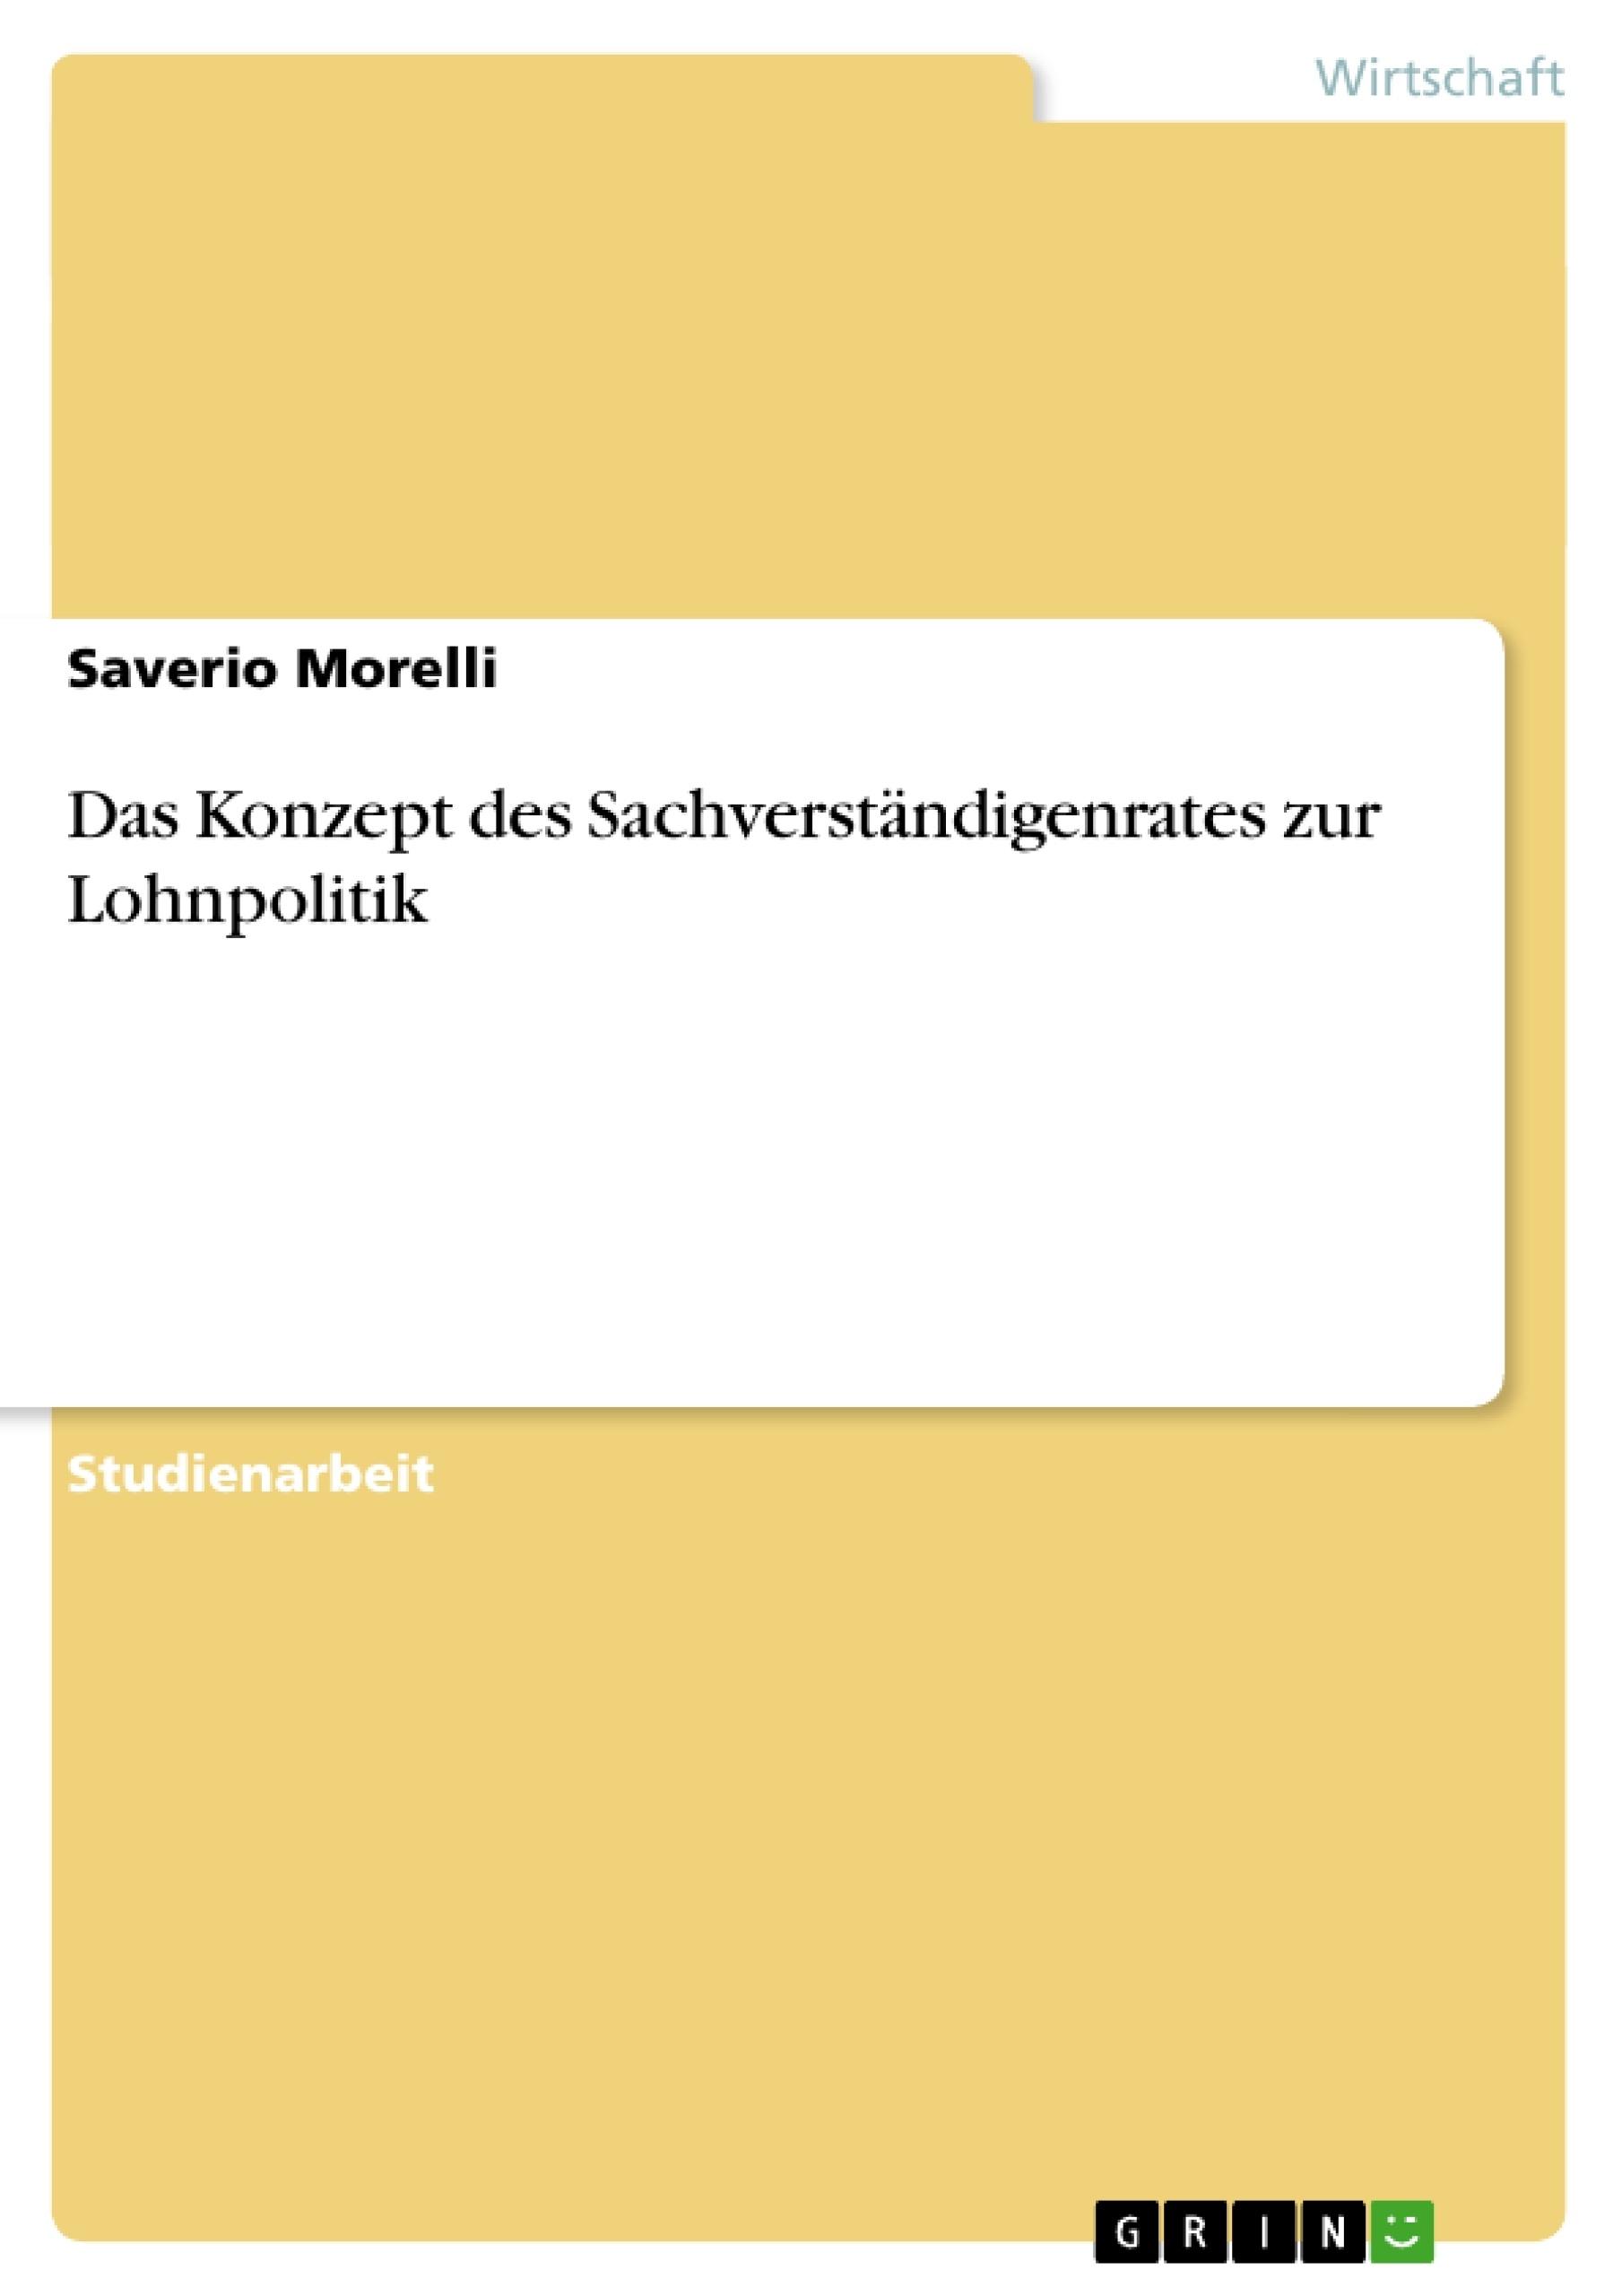 Titel: Das Konzept des Sachverständigenrates zur Lohnpolitik